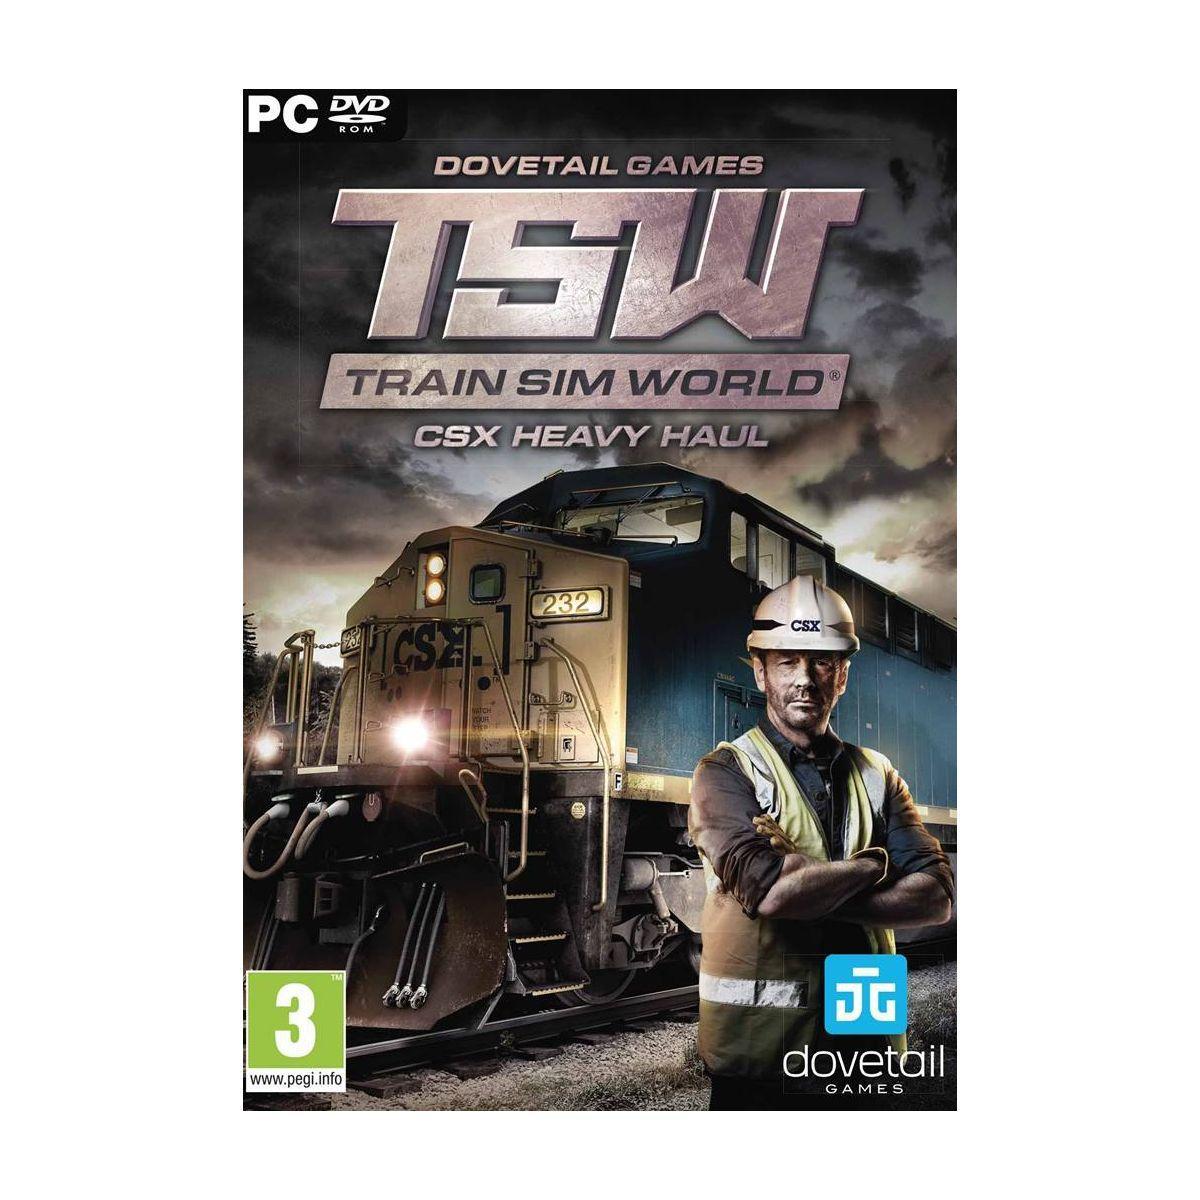 Jeu pc just for games train sim world - 3% de remise immédiate avec le code : multi3 (photo)